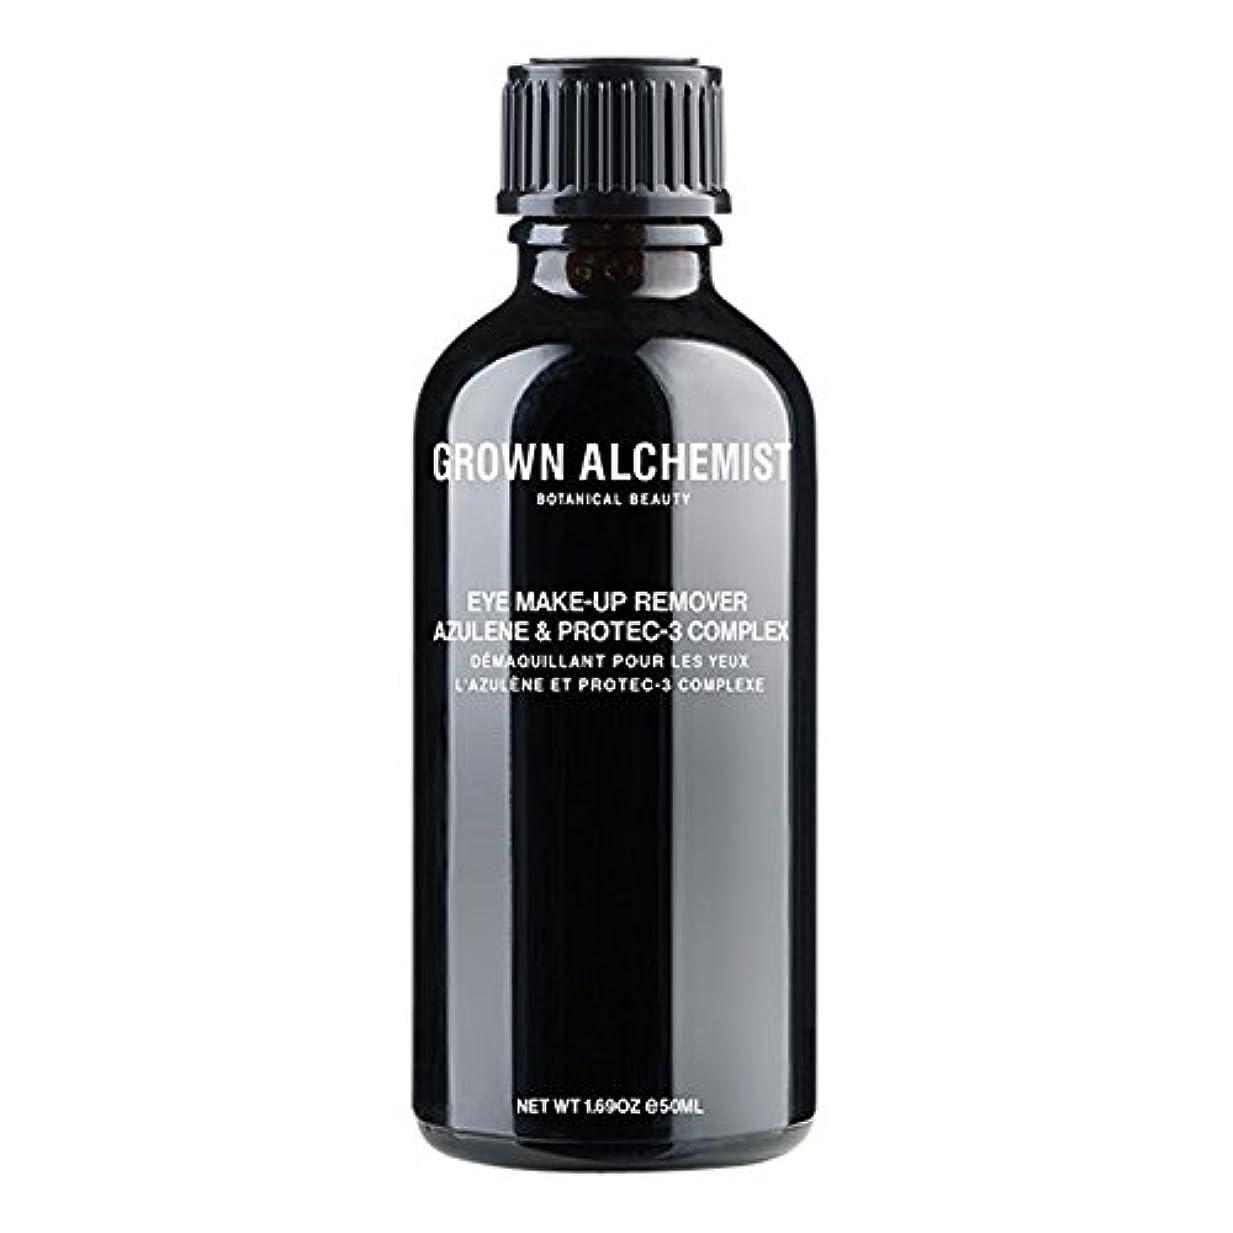 びん不快八百屋成長した錬金術師アズレン&Protec-3アイメイクアップリムーバーの50ミリリットル (Grown Alchemist) - Grown Alchemist Azulene & Protec-3 Eye-Makeup...